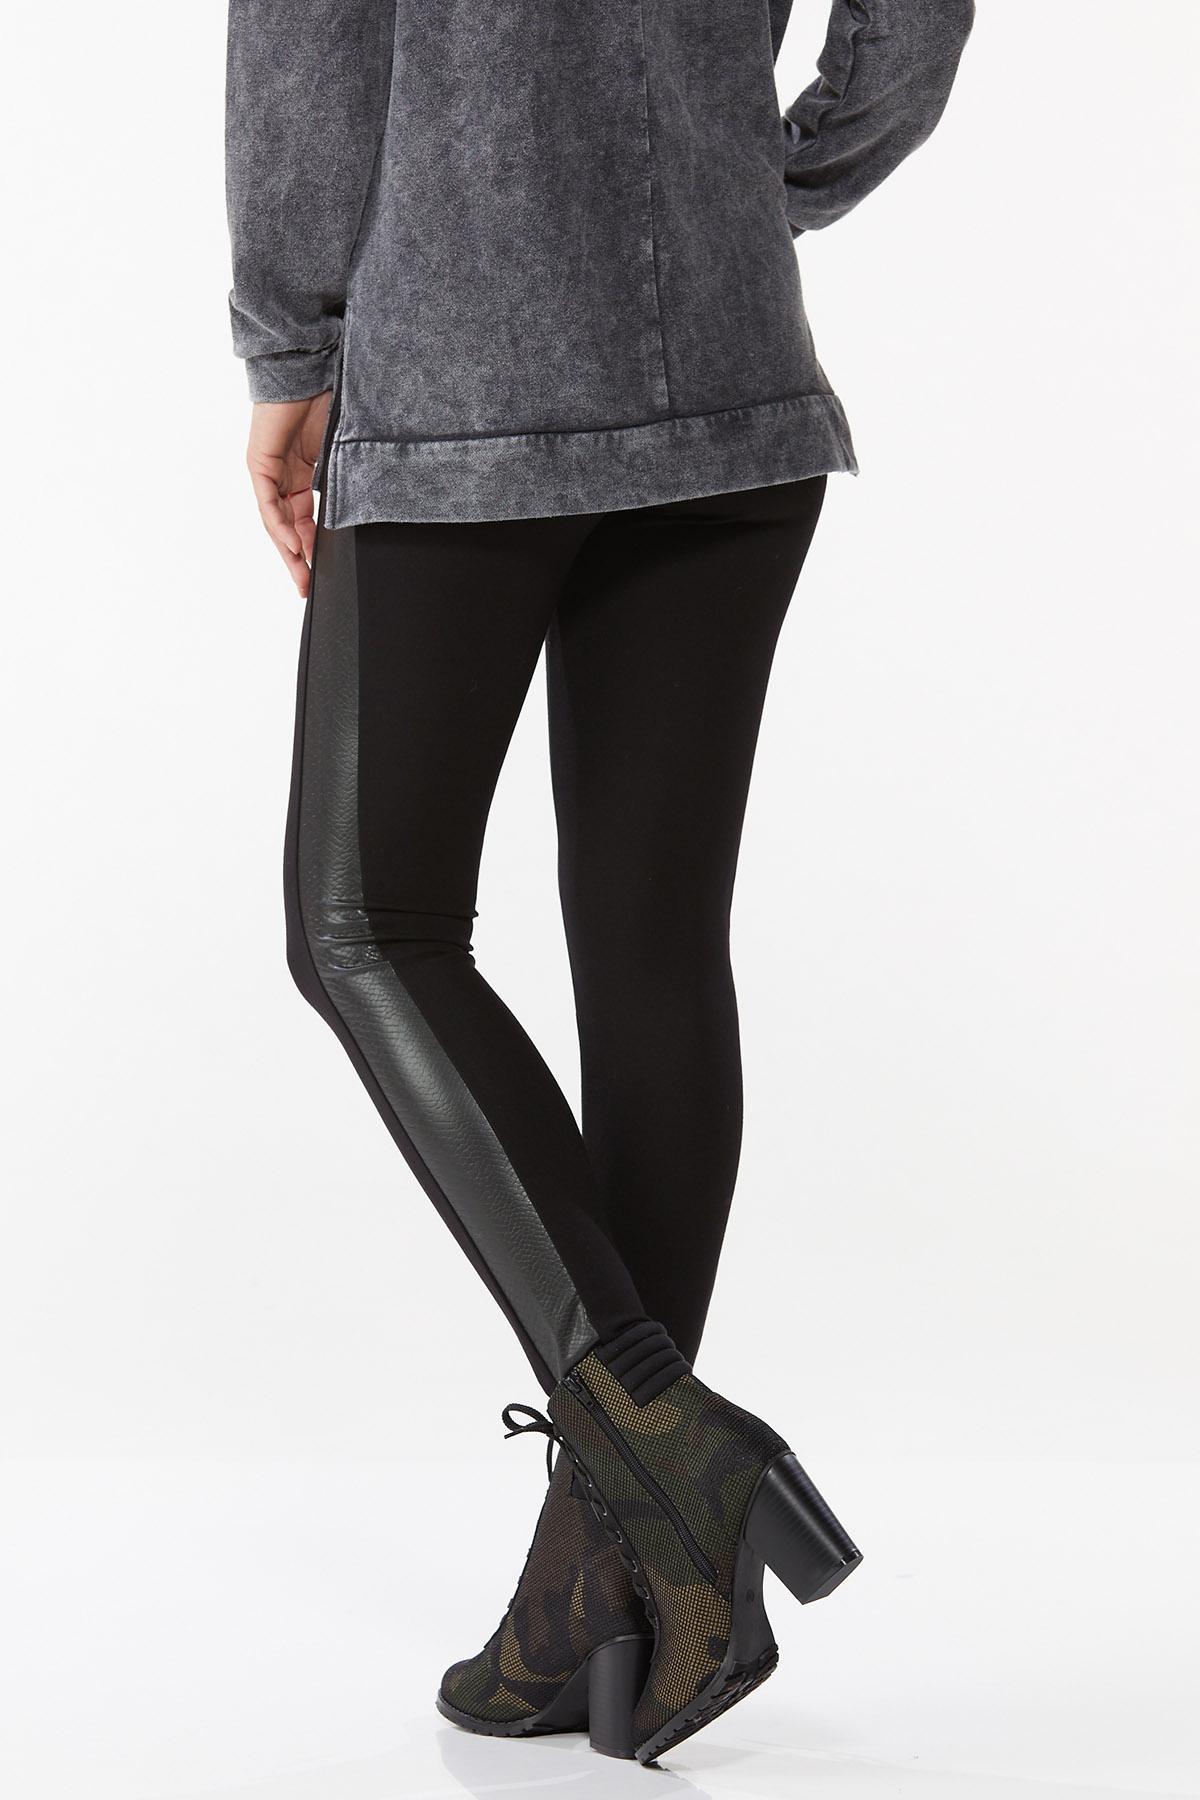 Croc Panel Leggings (Item #44718230)